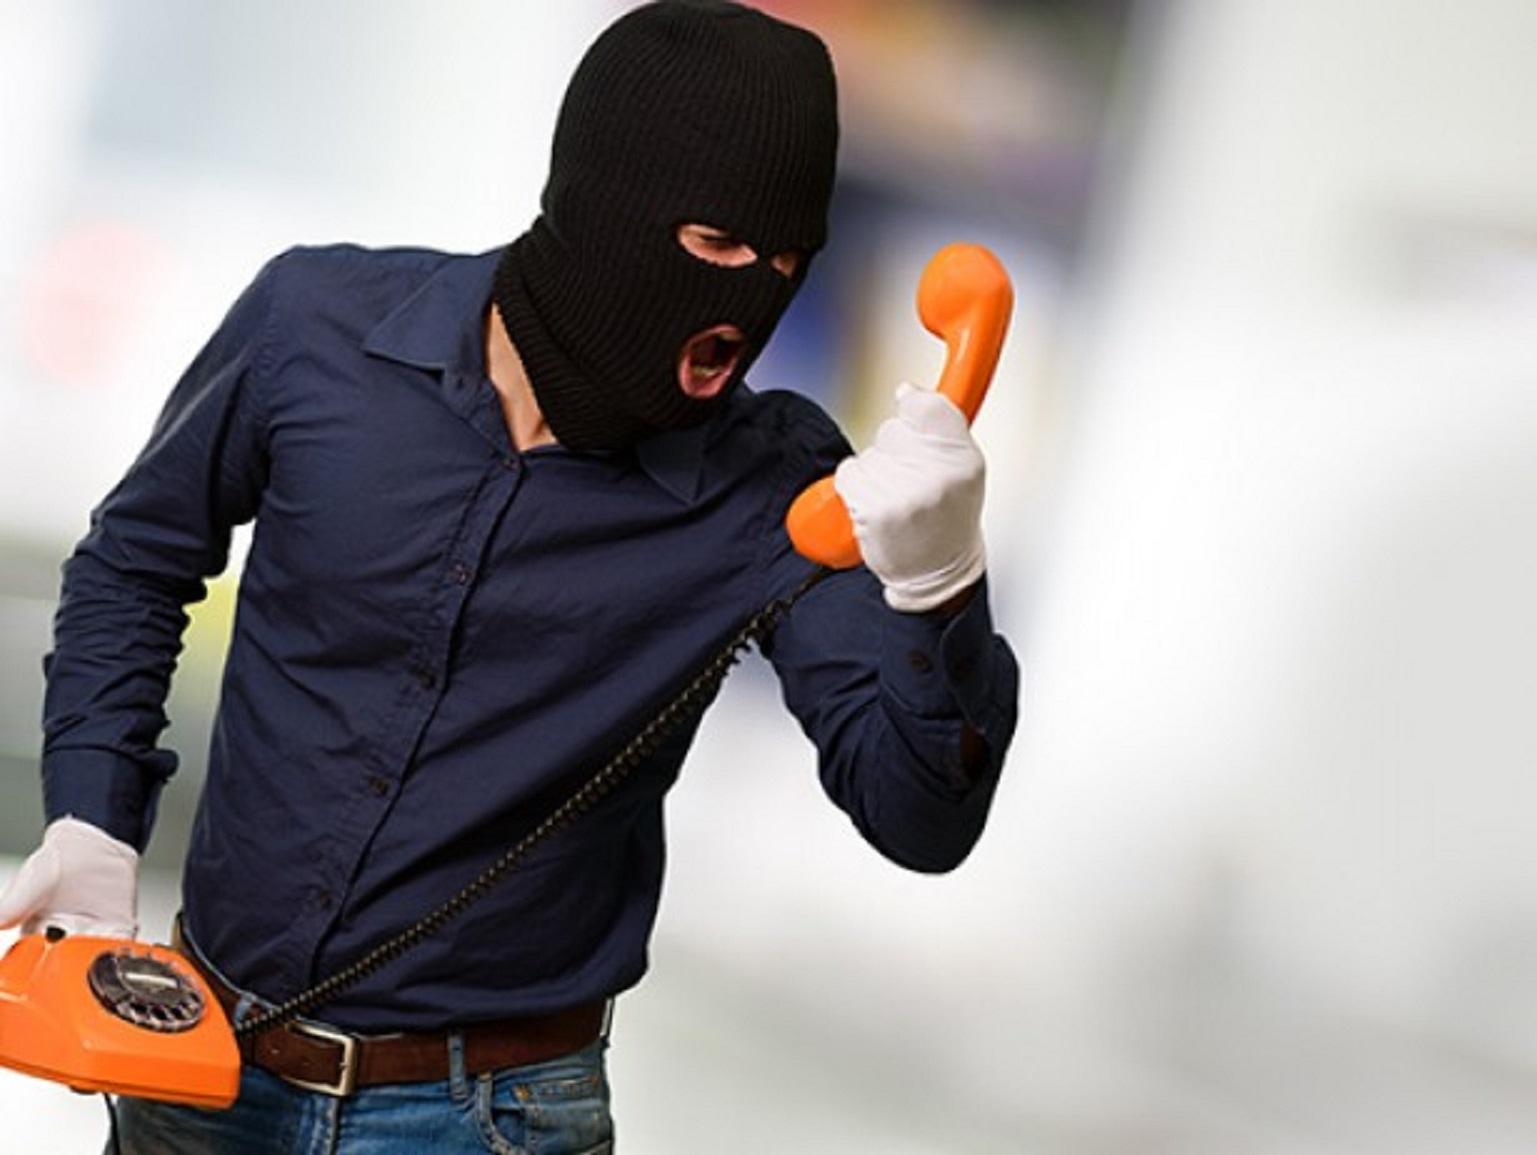 ВНИМАНИЕ! За заведомо ложное сообщение об акте терроризма предусмотрена уголовная ответственность по ст. 207 УК РФ